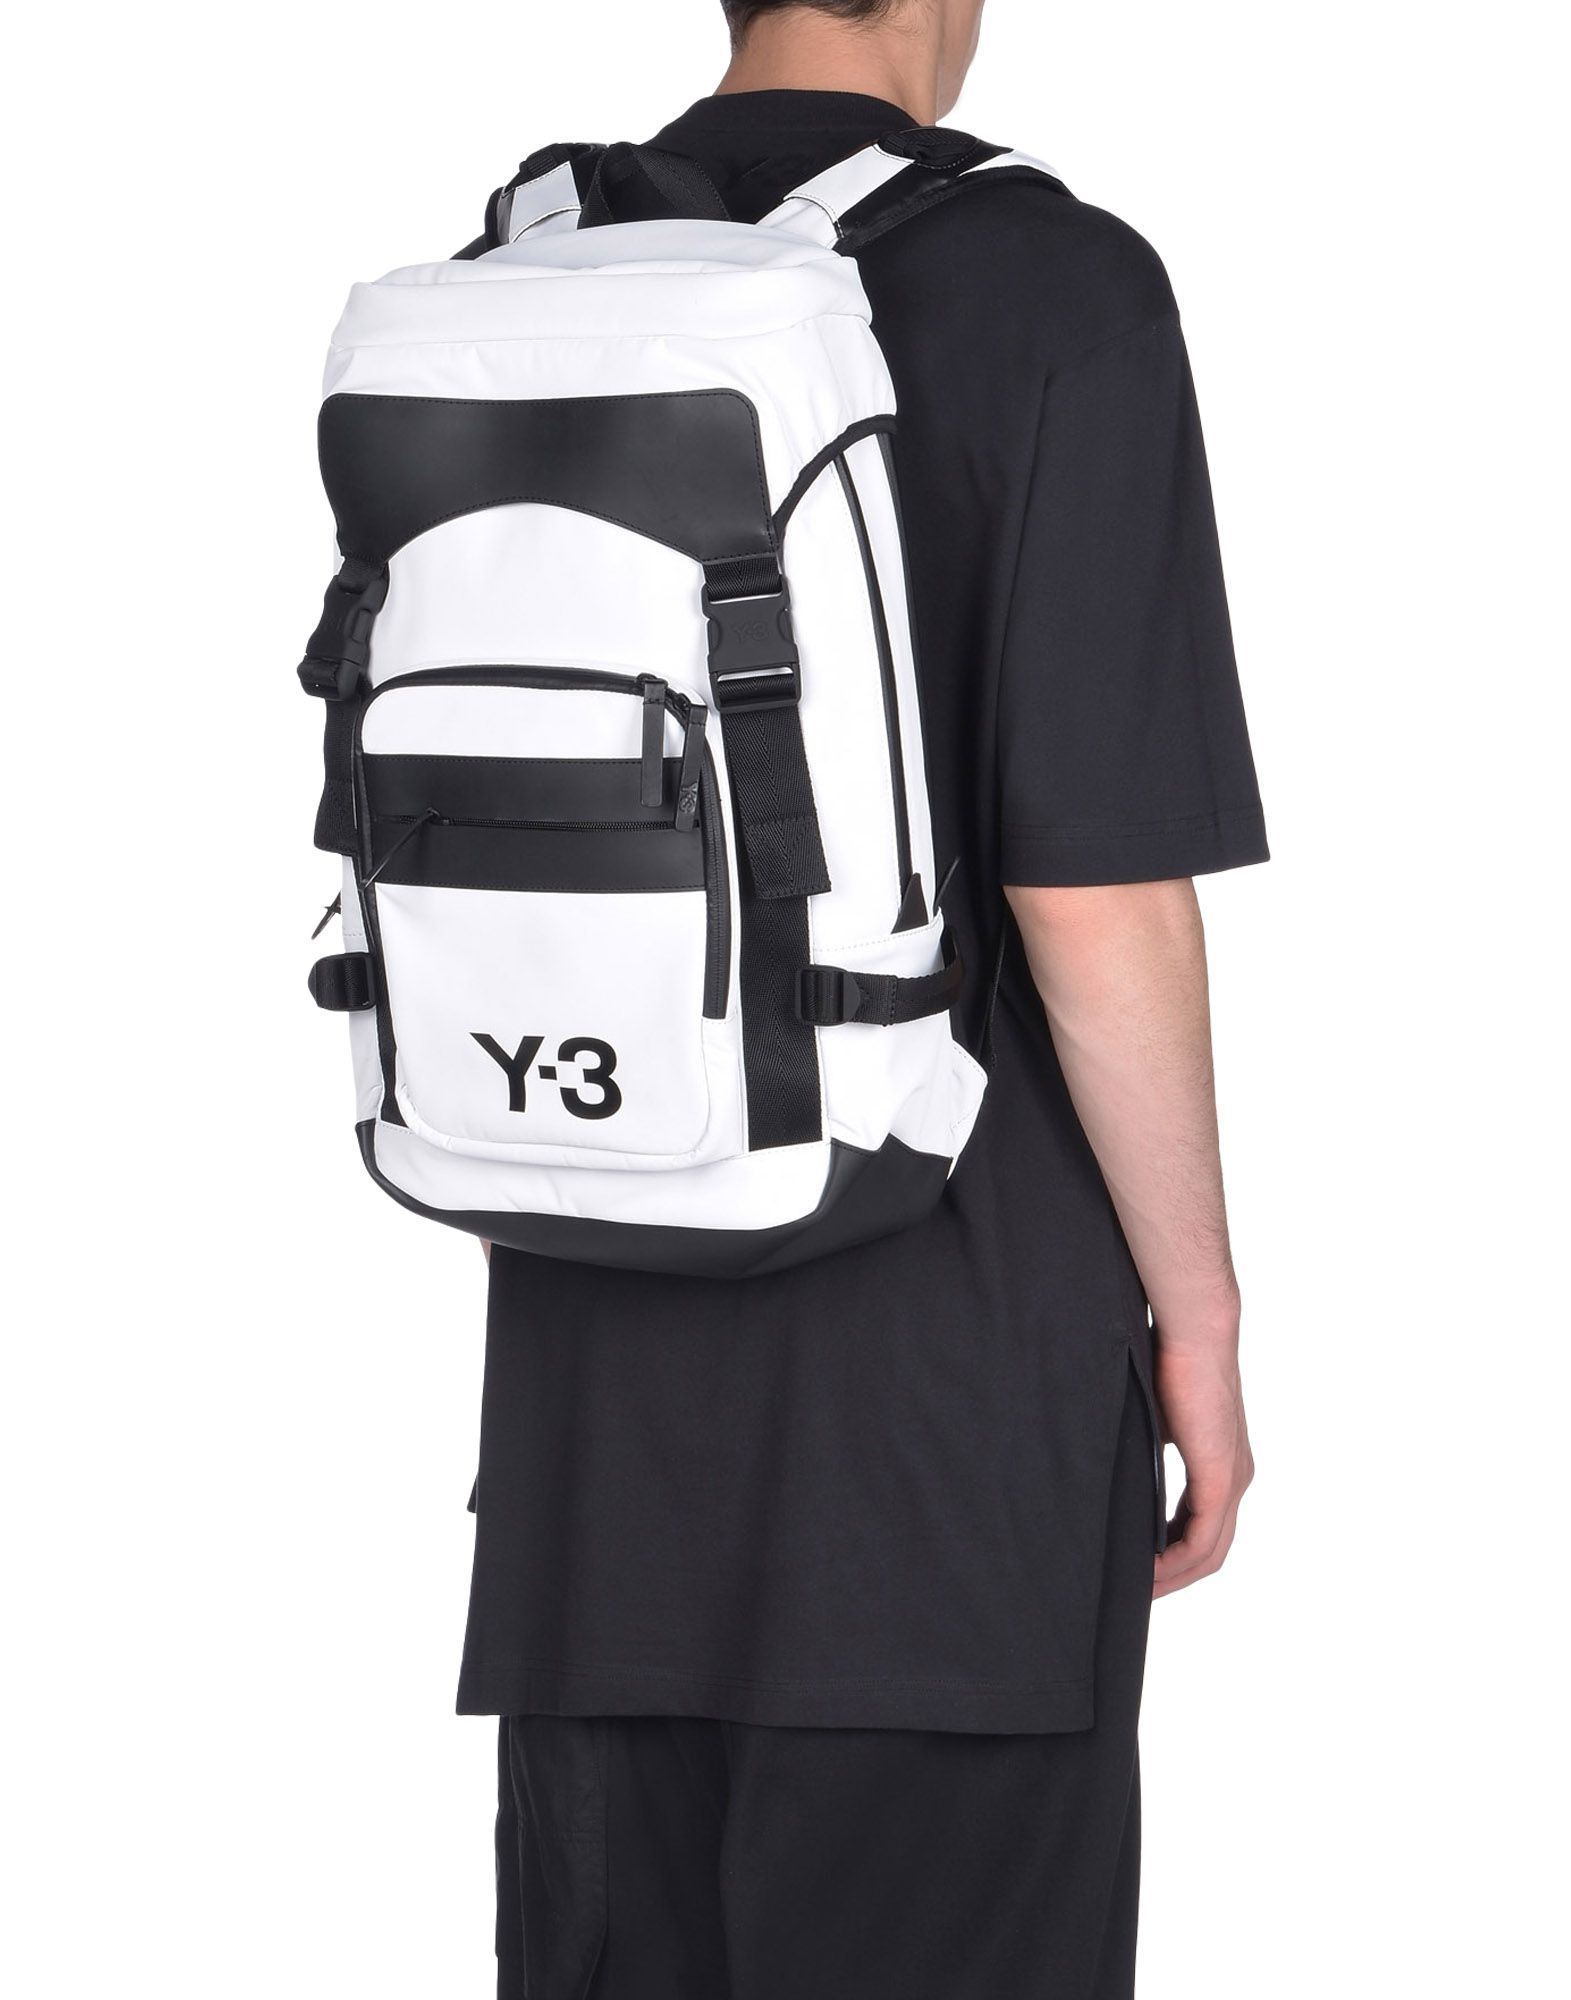 Y-3 ULTRATECH BAG SACS unisex Y-3 adidas   bag   Pinterest   Adidas ... ae48b1607b